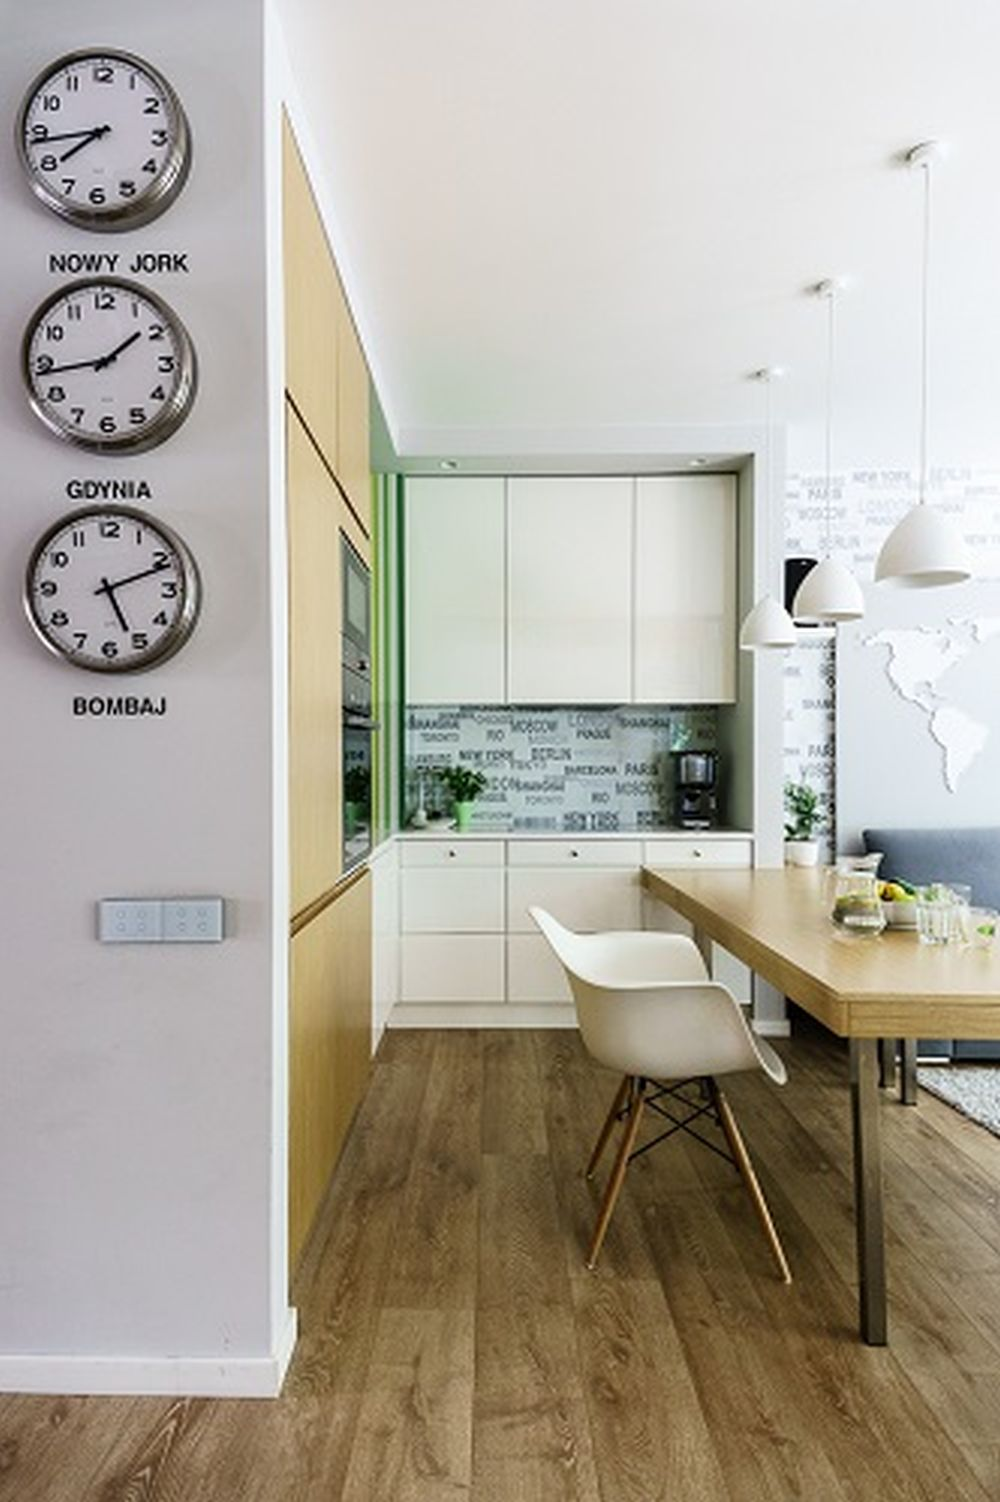 adelaparvu.com despre apartament 3 camere, Polonia, Design Saje Architekci, Foto foto&mohito (1)